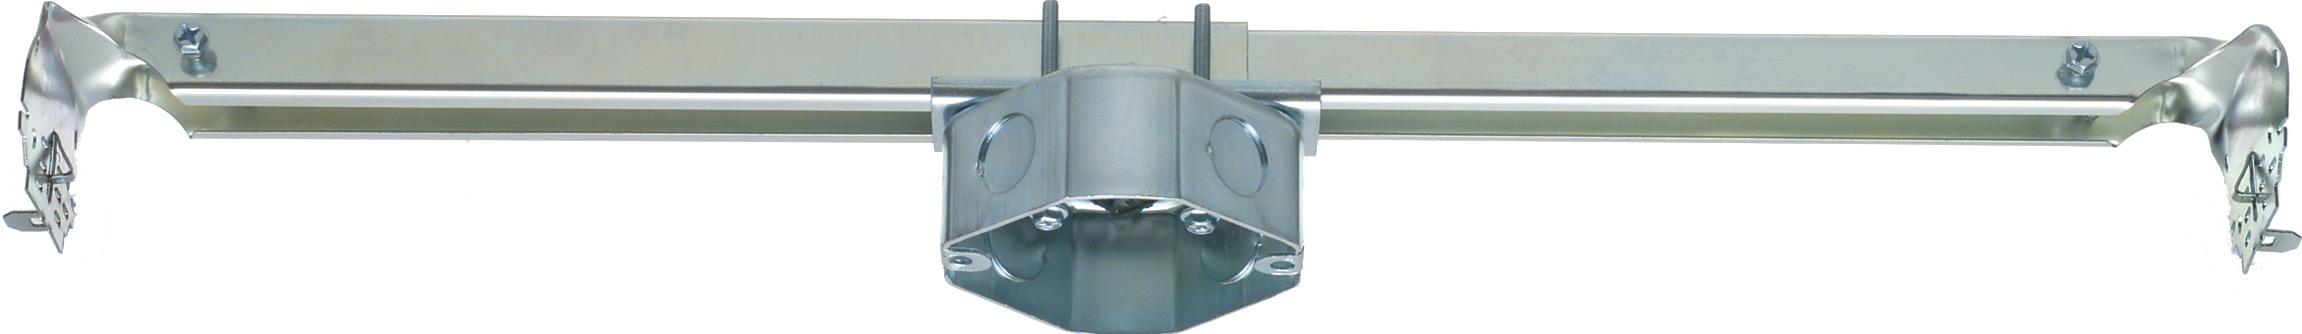 ARL FBRS415 CLG BOX & BRACE